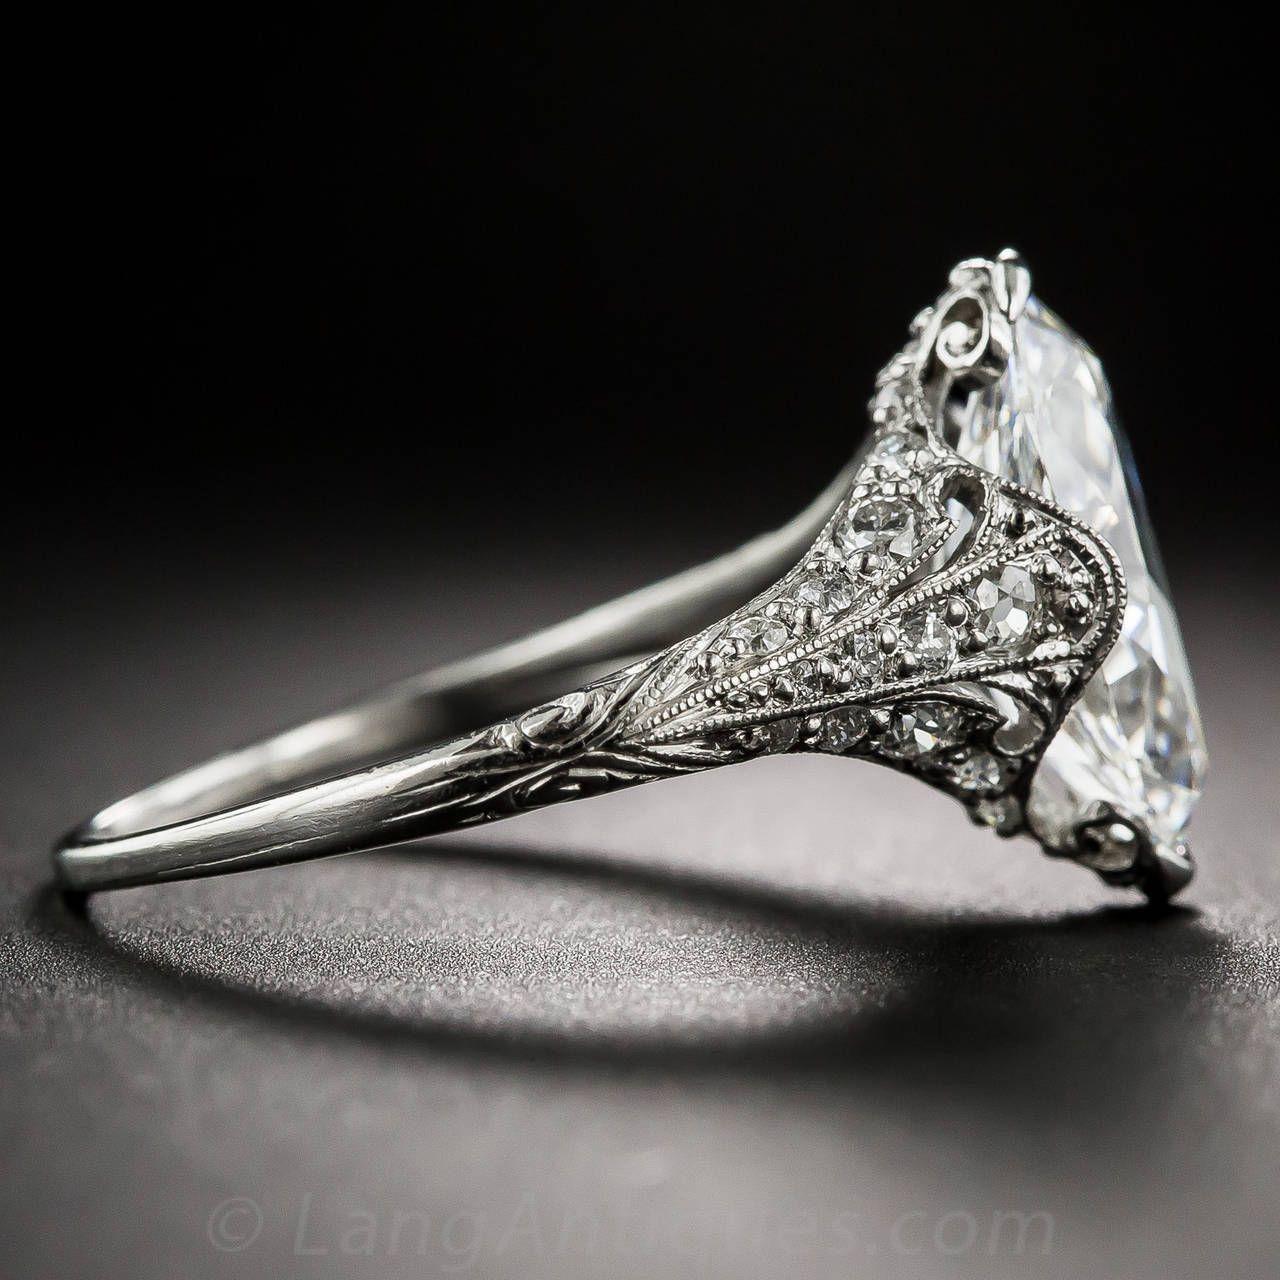 Tiffany & Co. Edwardian 3.14 Carat Marquise Diamond Platinum Ring